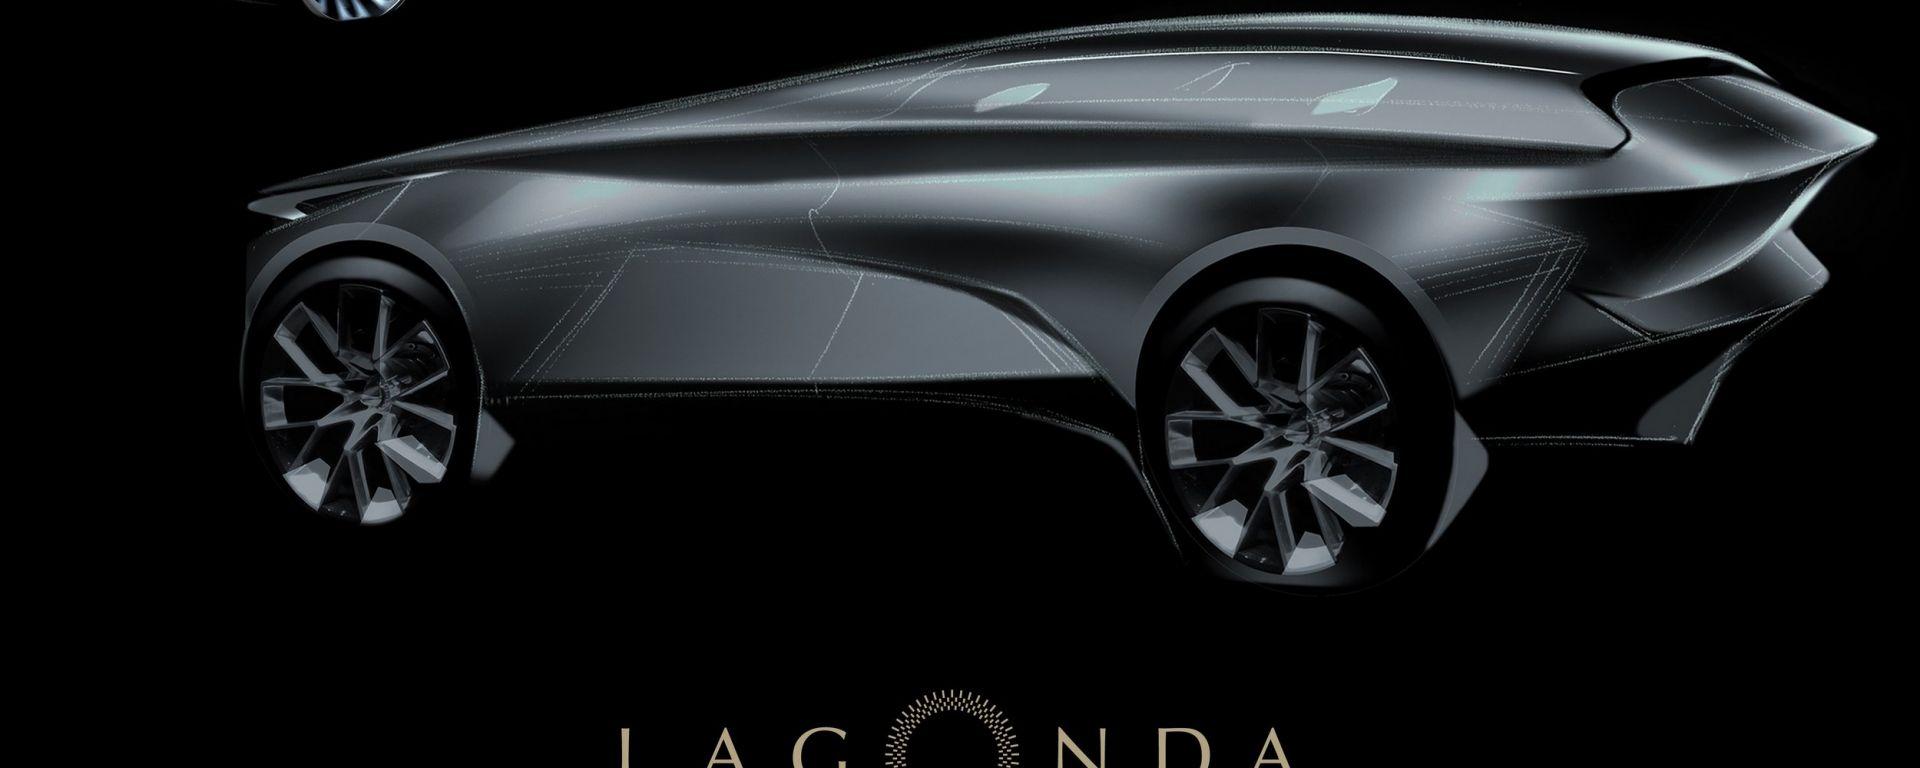 Aston Martin Lagonda: il teaser del SUV elettrico in uscita nel 2021